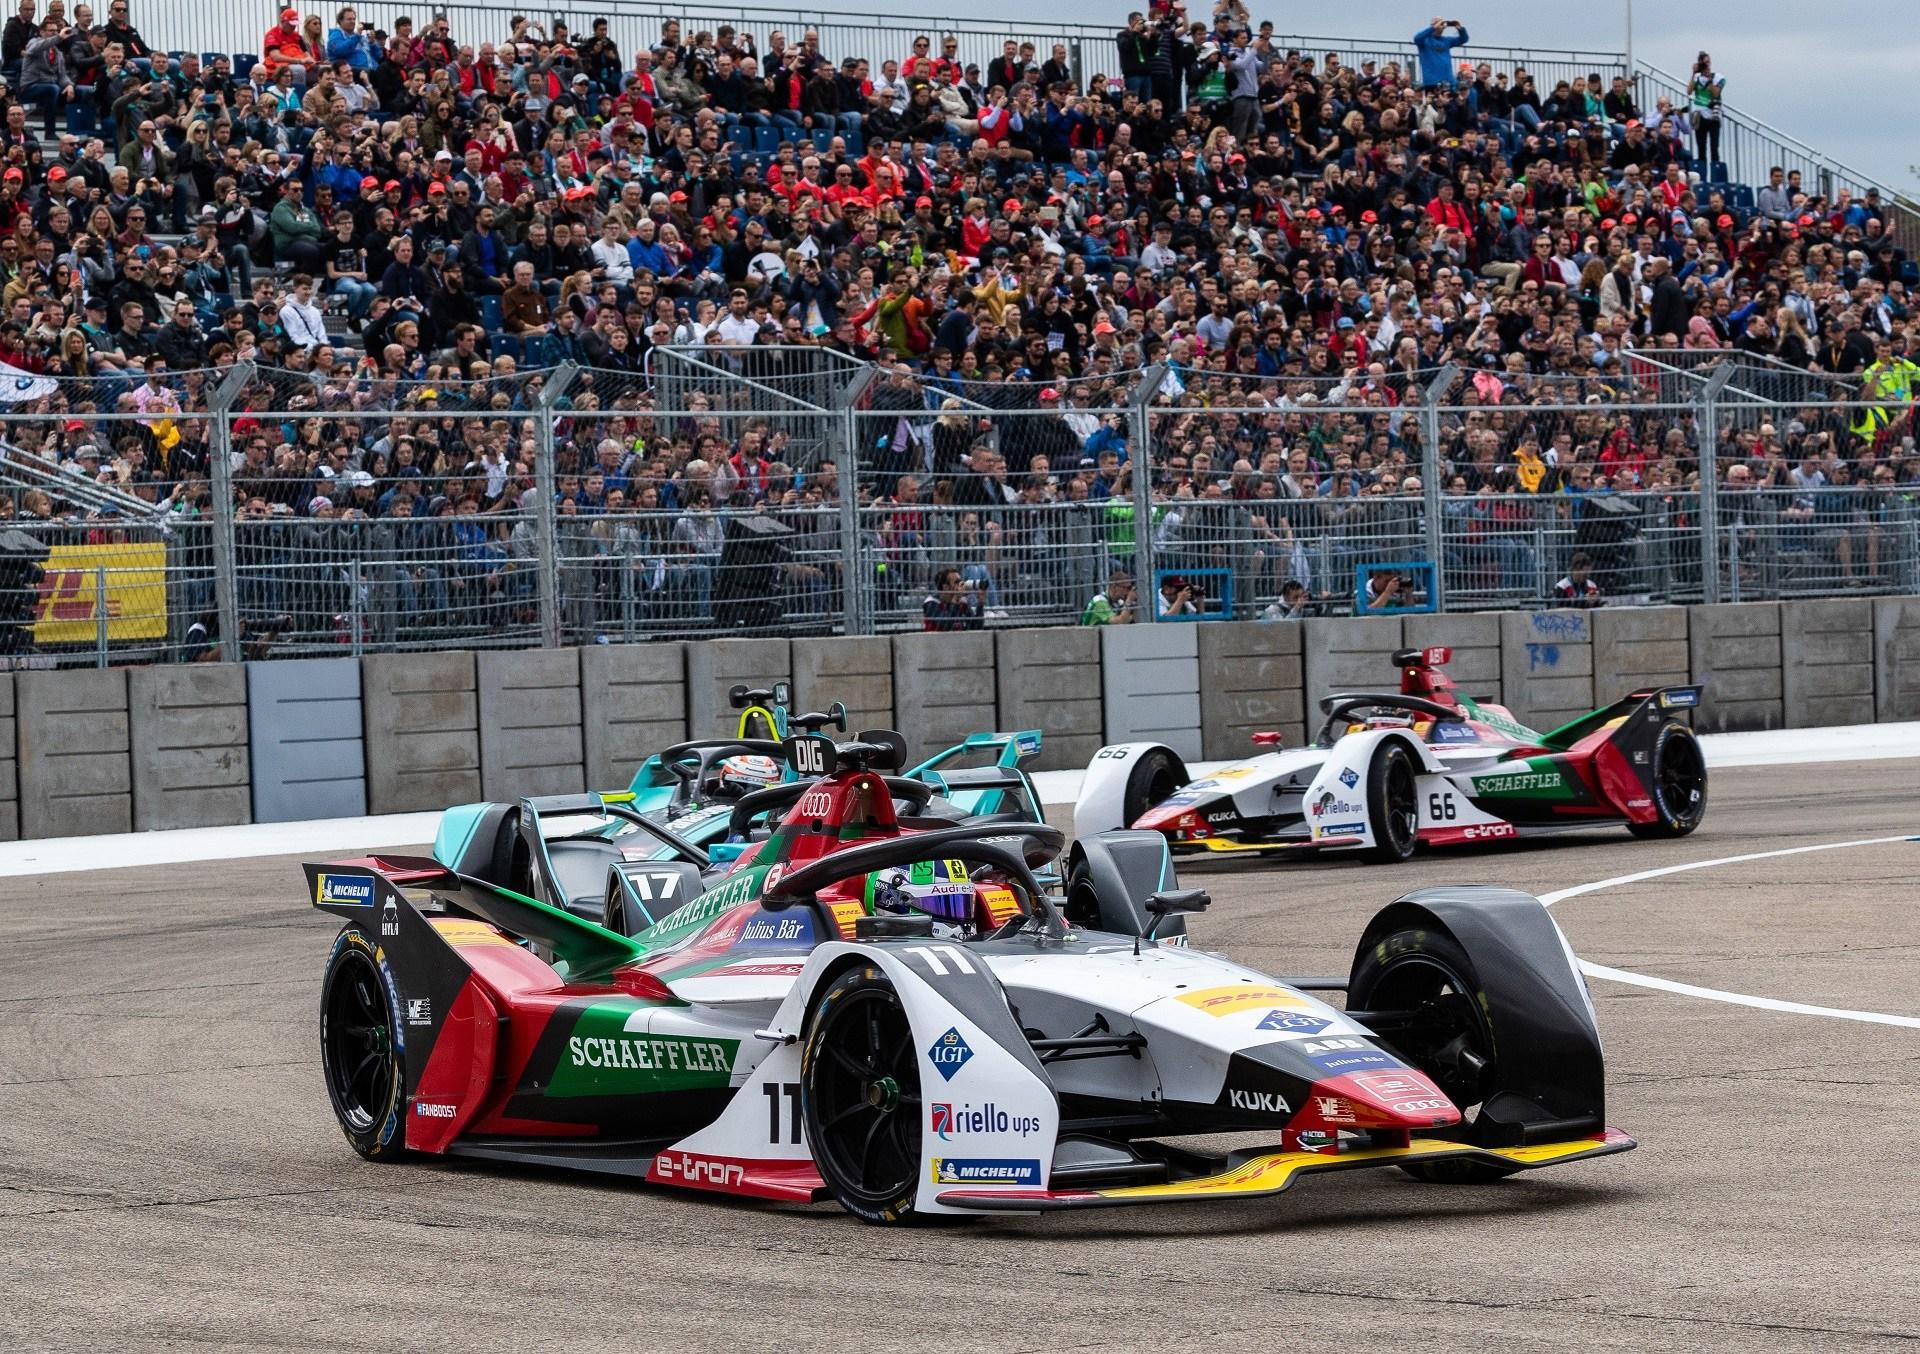 Θρίαμβος για την Audi στον αγώνα της Formula E στο Βερολίνο